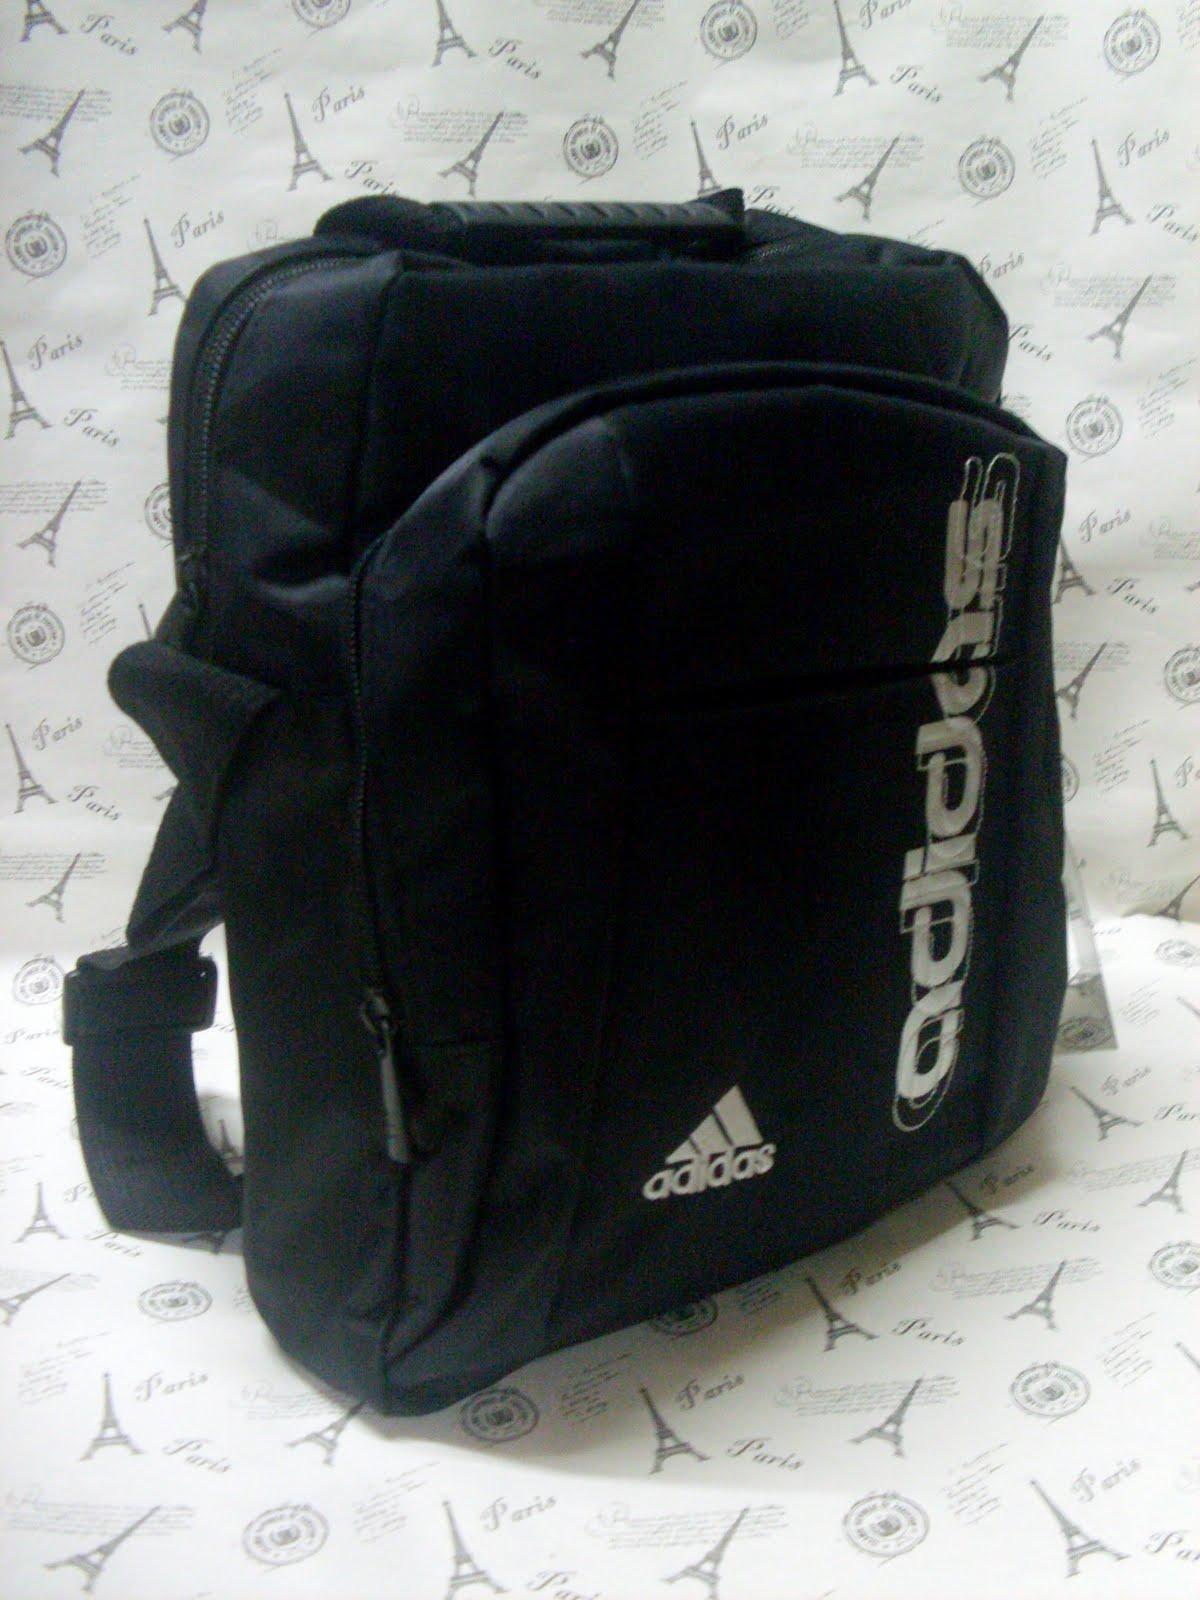 Ioryfashion Bag Collection  Adidas Gold or White Logo Sling Bag ON ... 3f3d460718b12